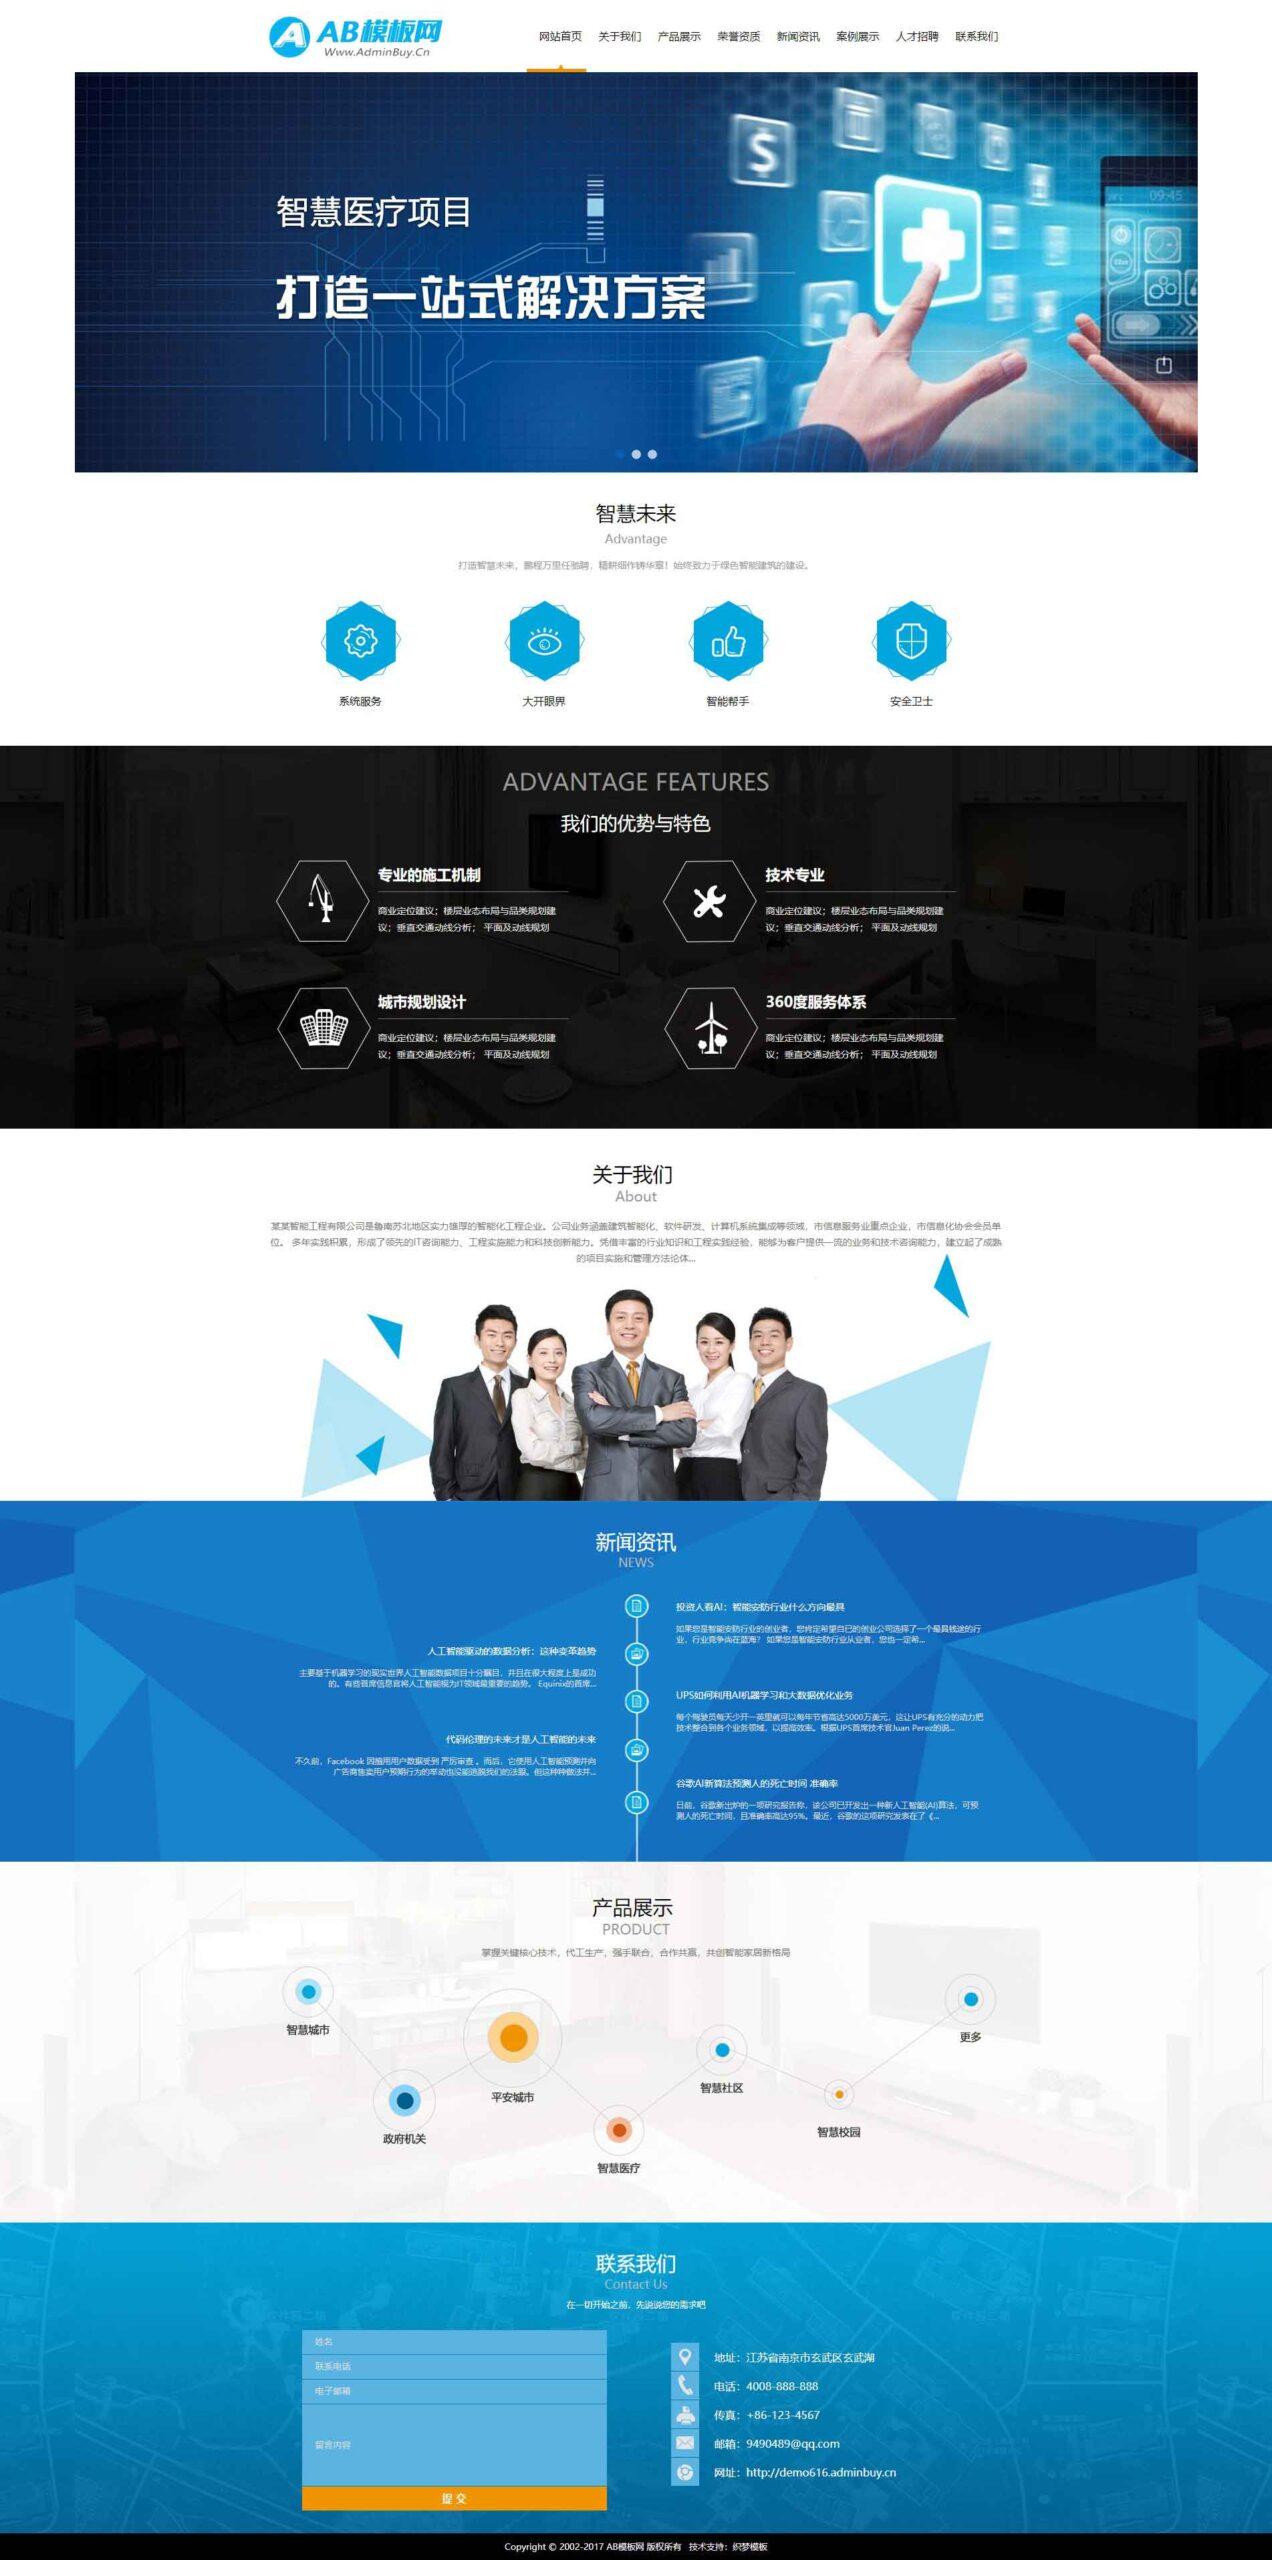 鹤云资源博客-软件开发公司企业网站织梦dede模板源码[带手机版数据同步]插图